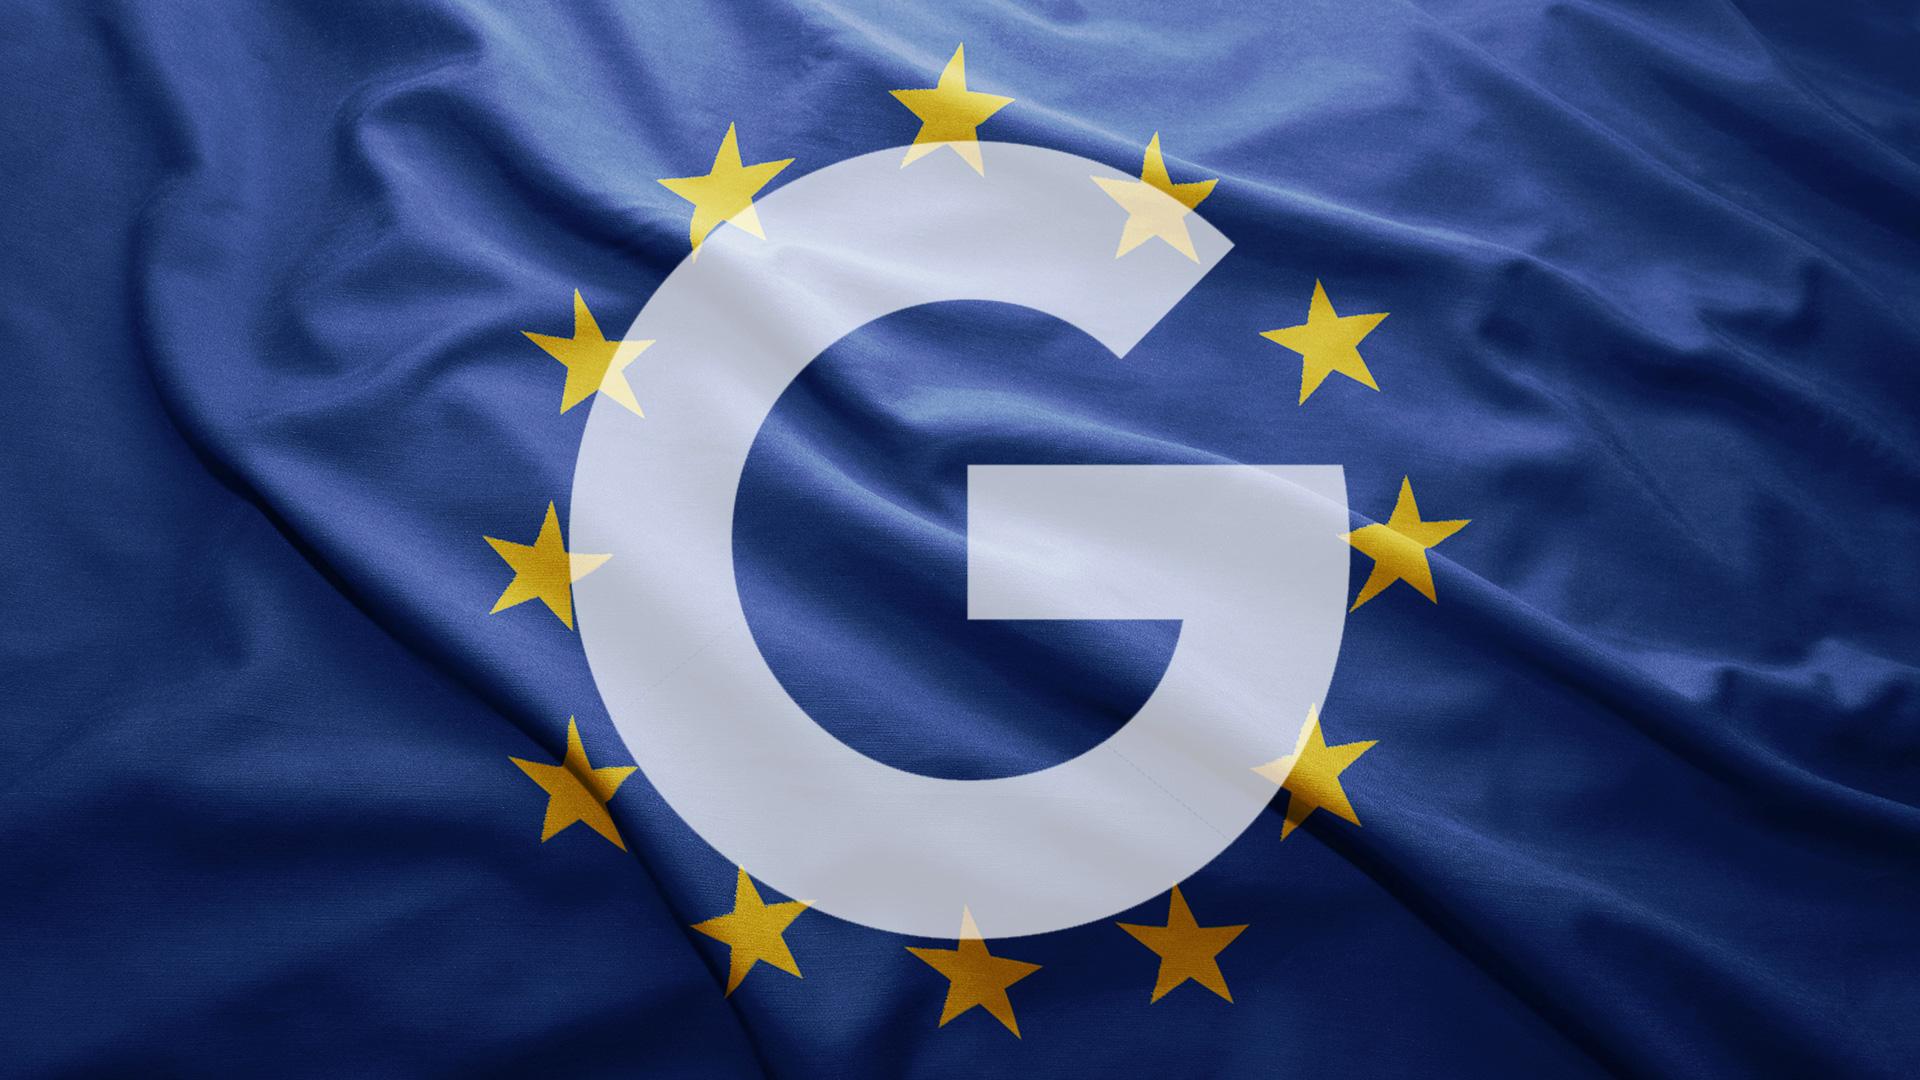 google-eu3-fade-ss-1920